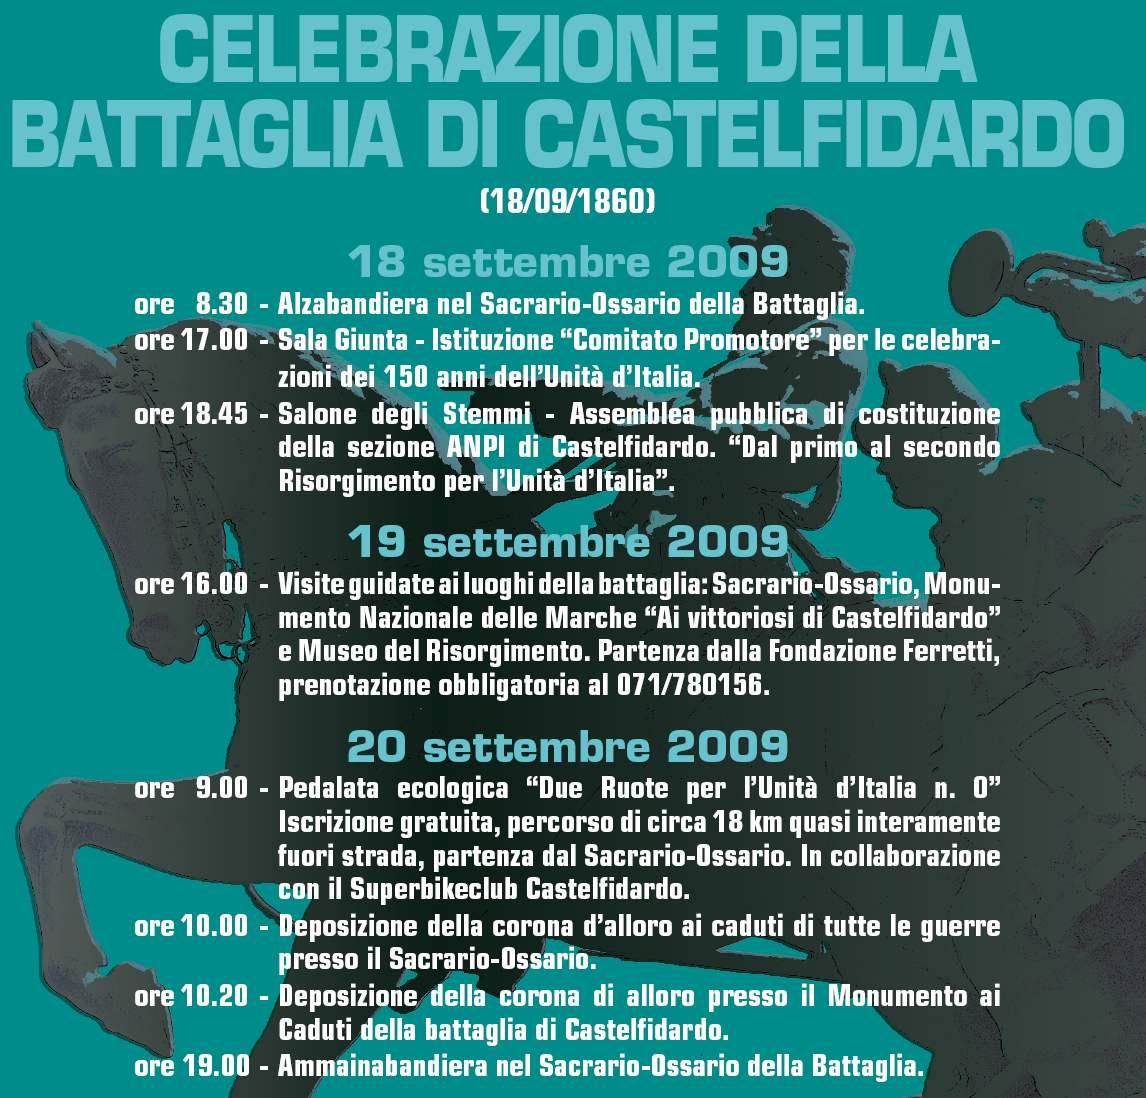 Celebrazione della Battaglia di Castelfidardo